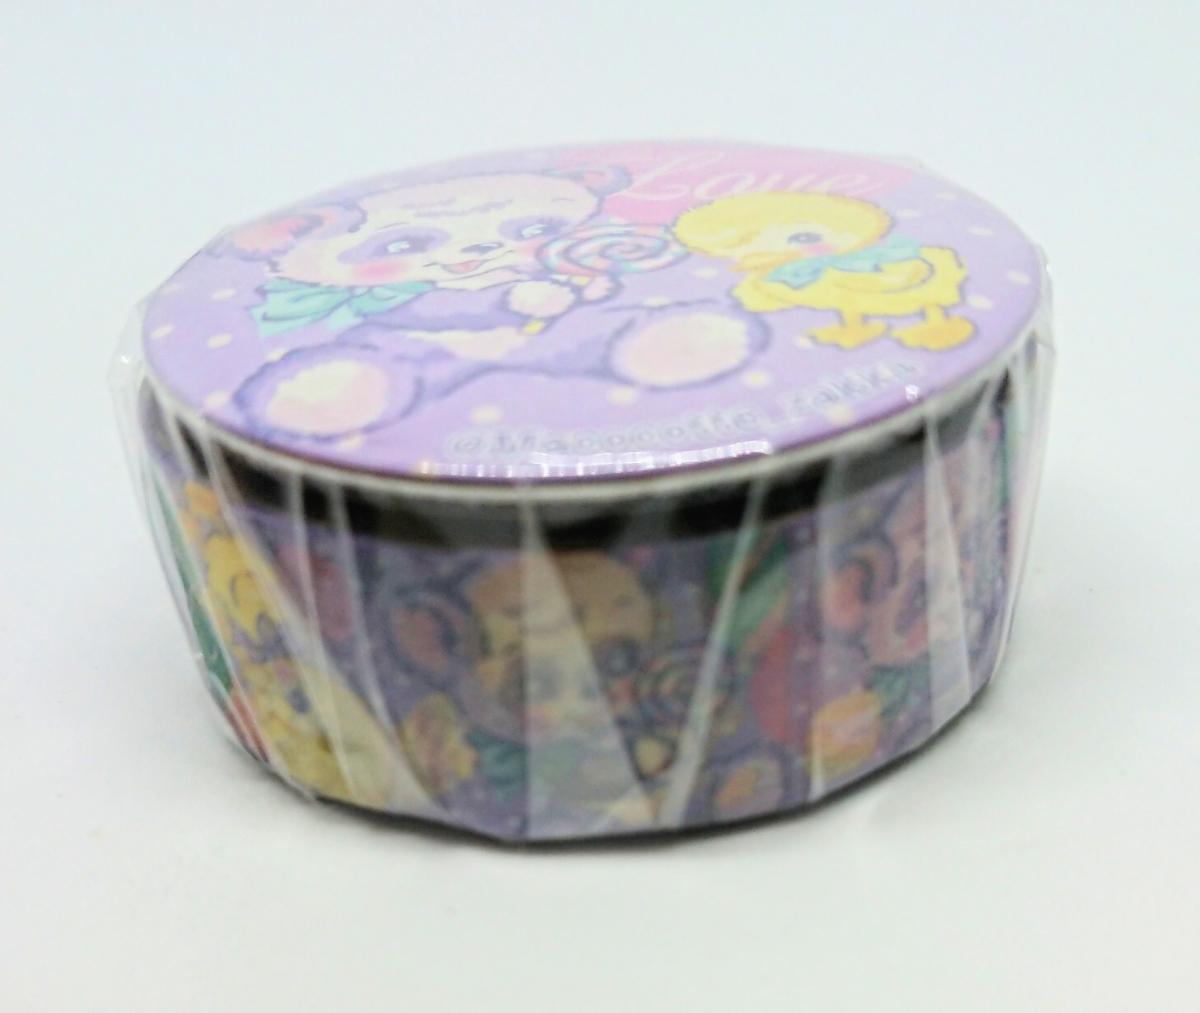 〈限定販売〉〈おまけ付き〉マココット・マスキングテープ(缶バッジ付き)/元スイマーデザイナー_画像4